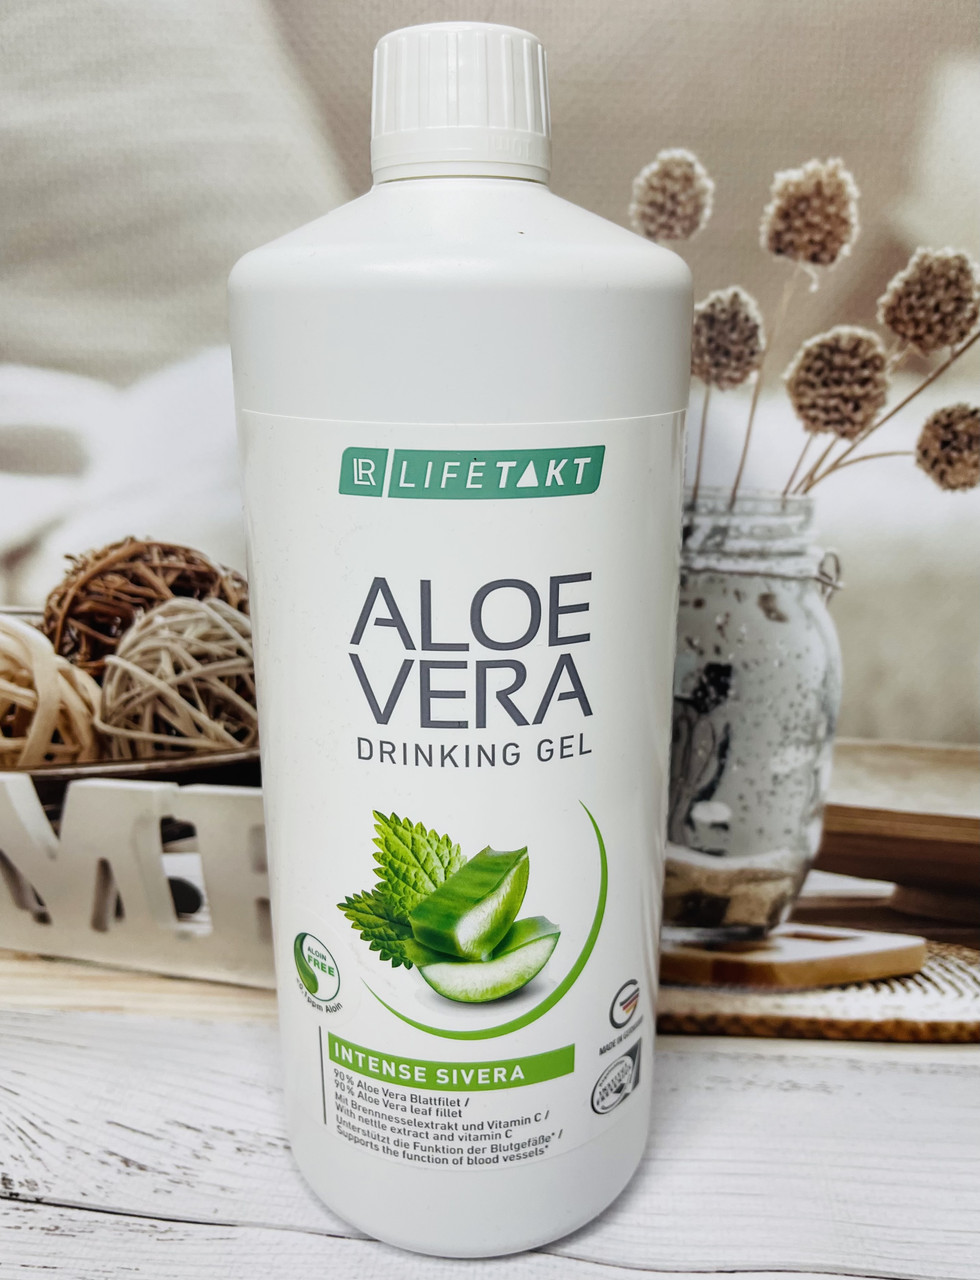 Питьевой алоэ для кровоносной системы Aloe Vera